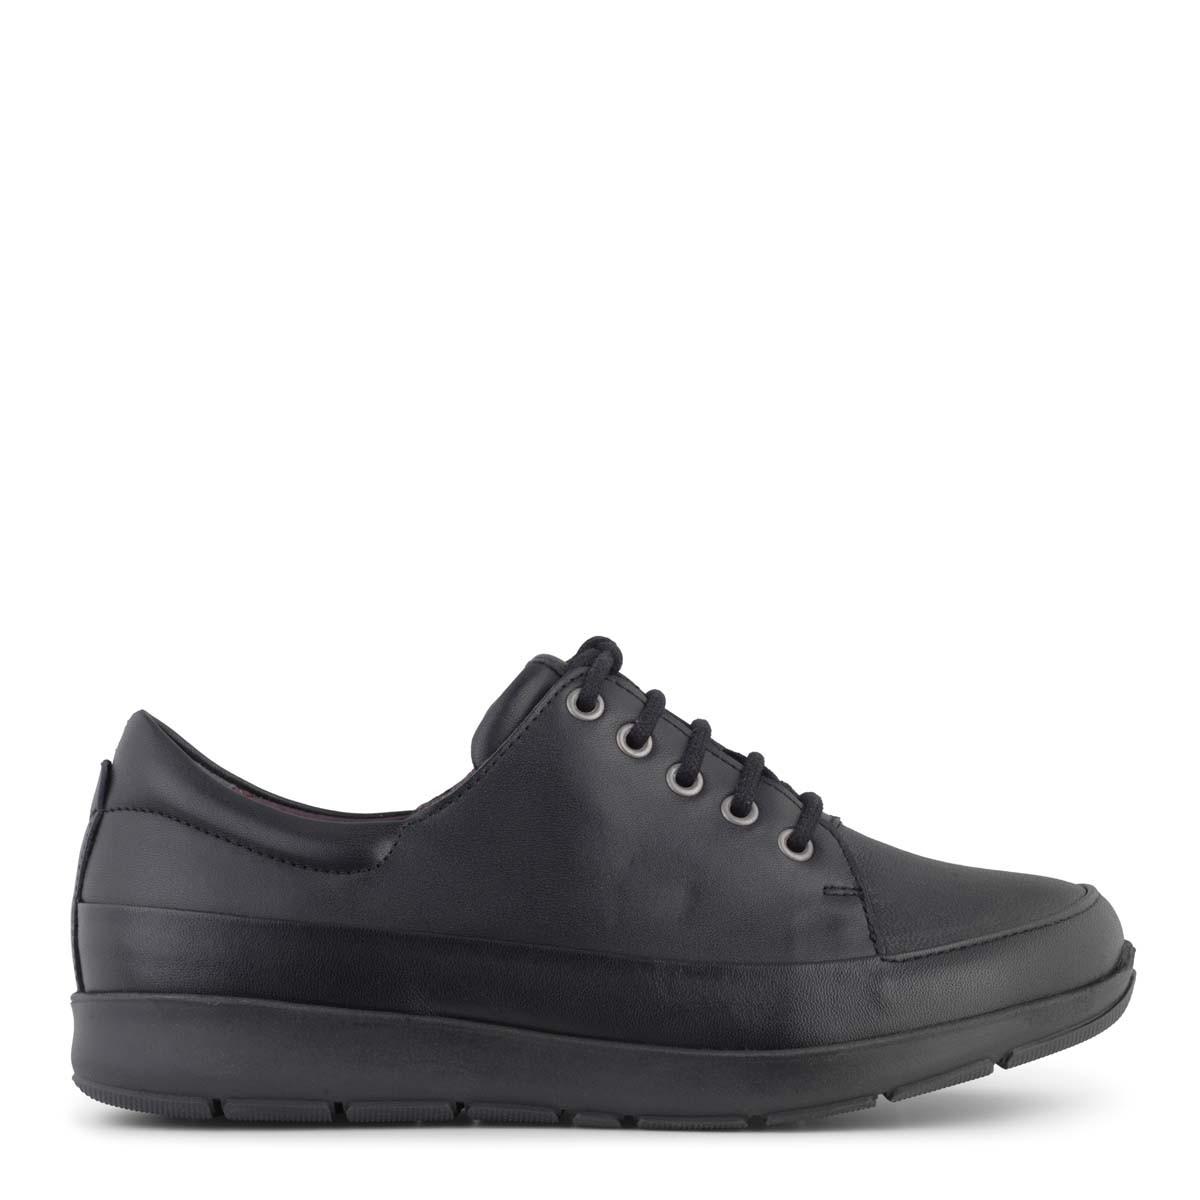 New Feet klassisk sort snørresko fra